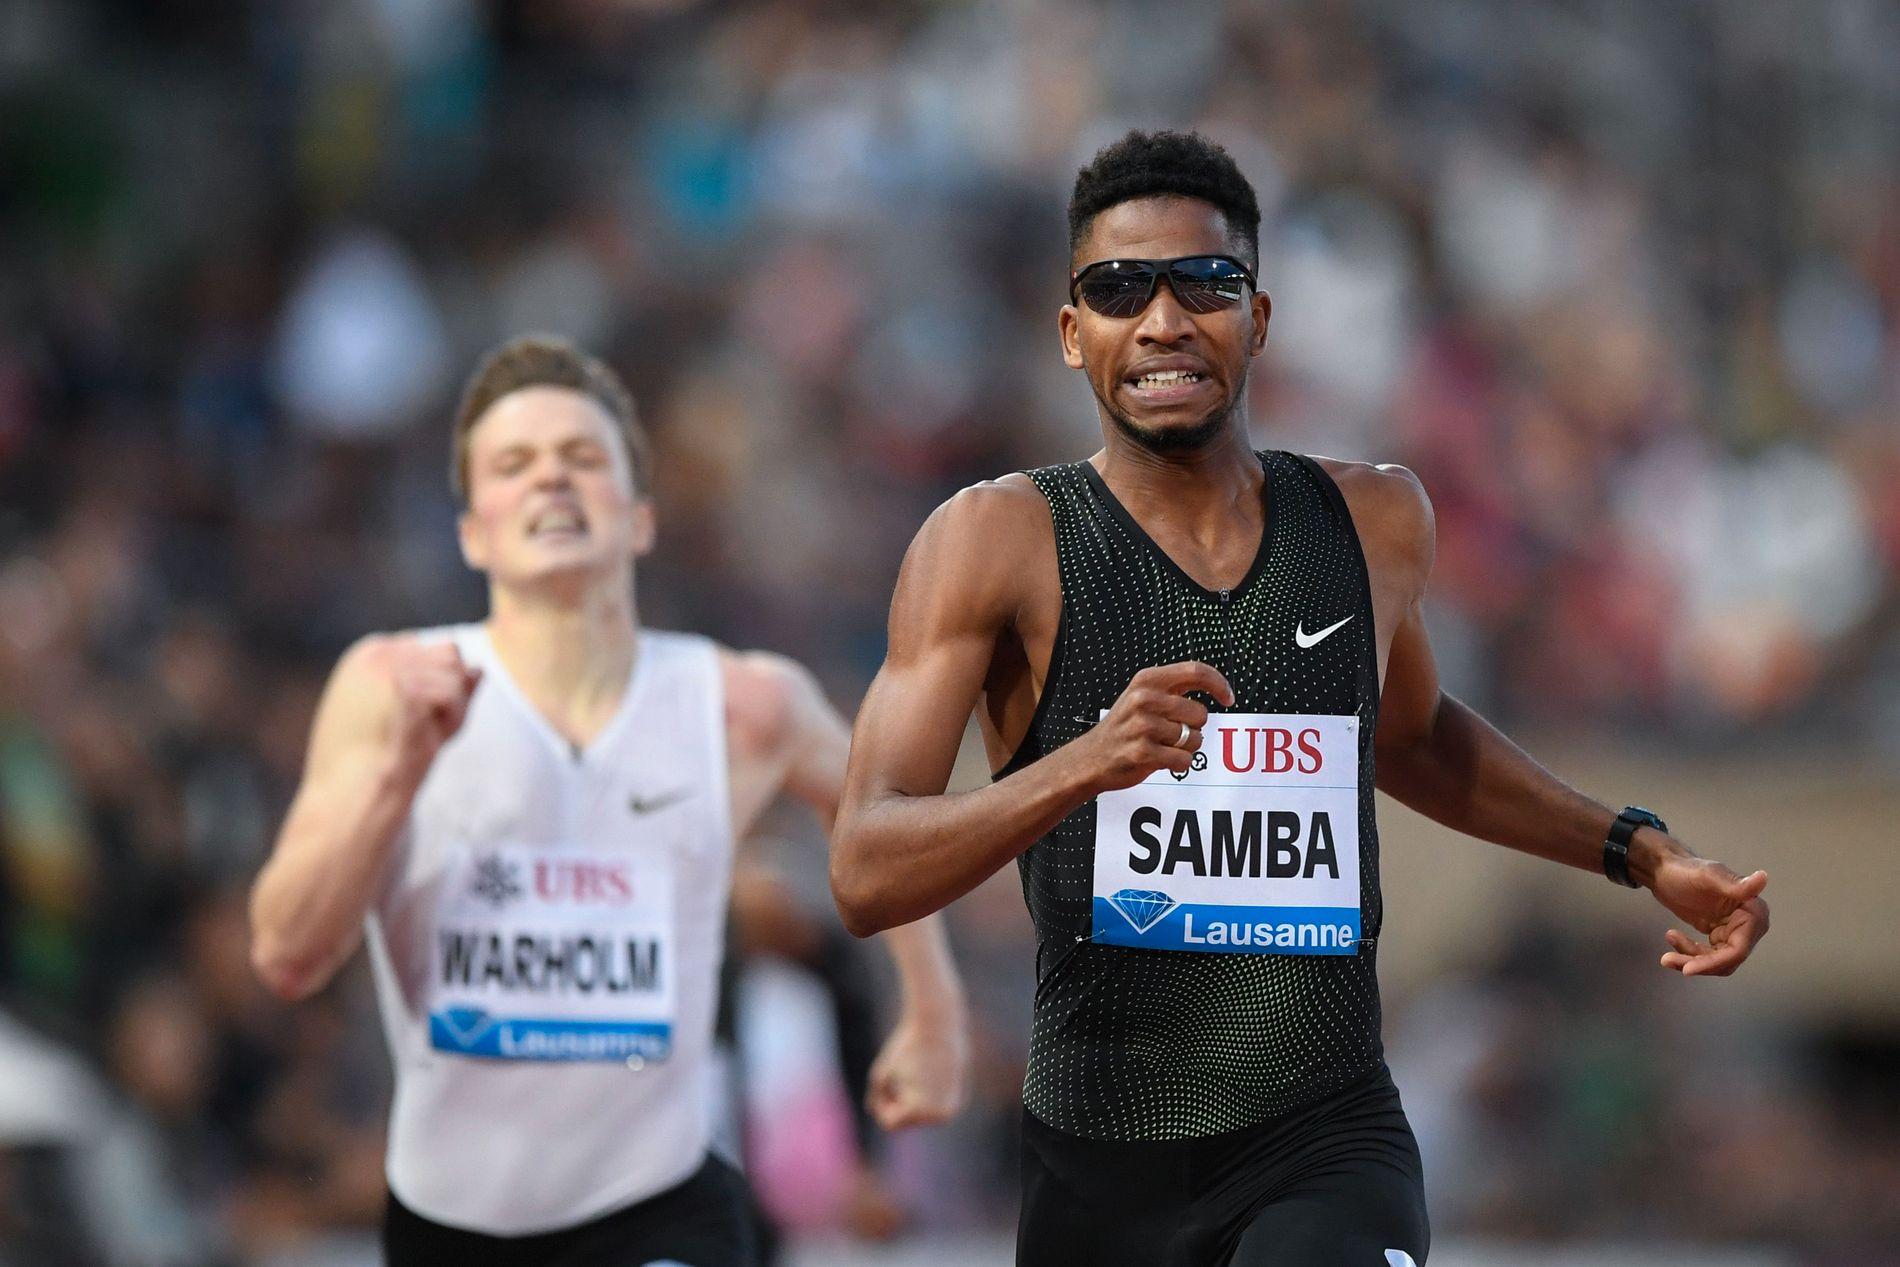 DÅRLIG OPPKJØRING: Abderrahman Samba har slitt med skader i sommer. Her fra Lausanne i fjor sommer. Karsten Warholm bak i bildet.